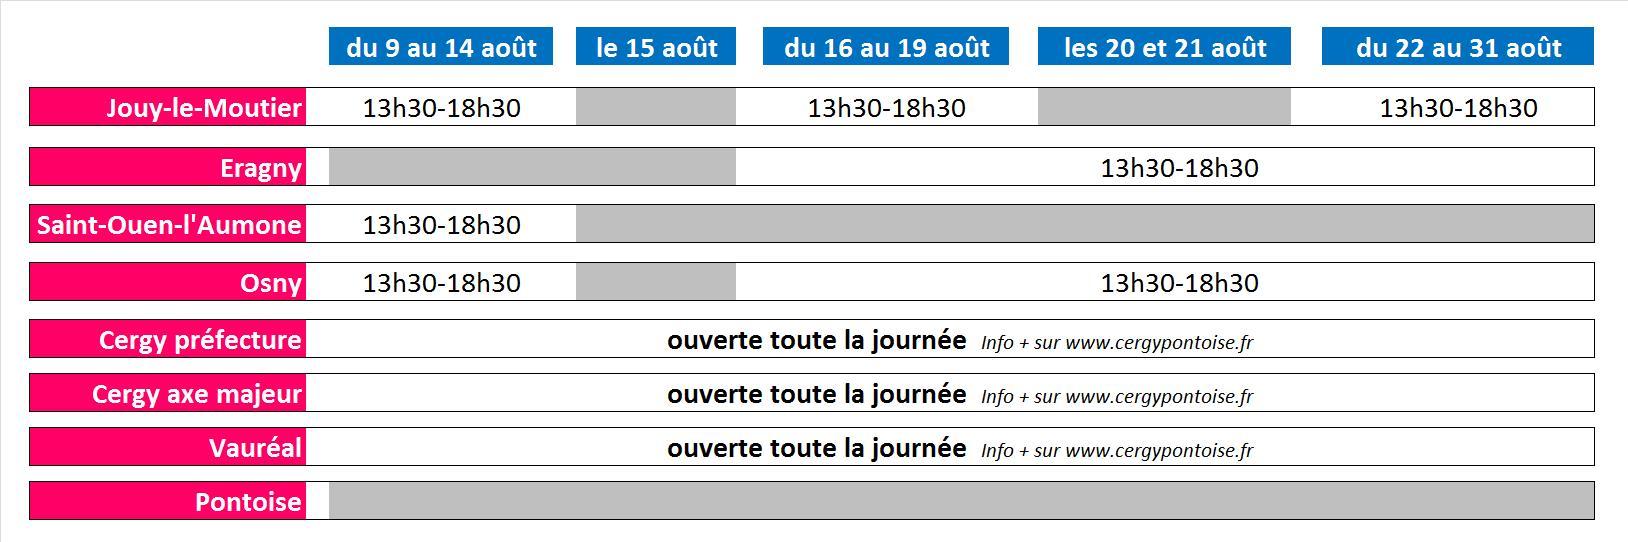 Horaires des piscines de Cergy-Pontoise du 9 au 31 août